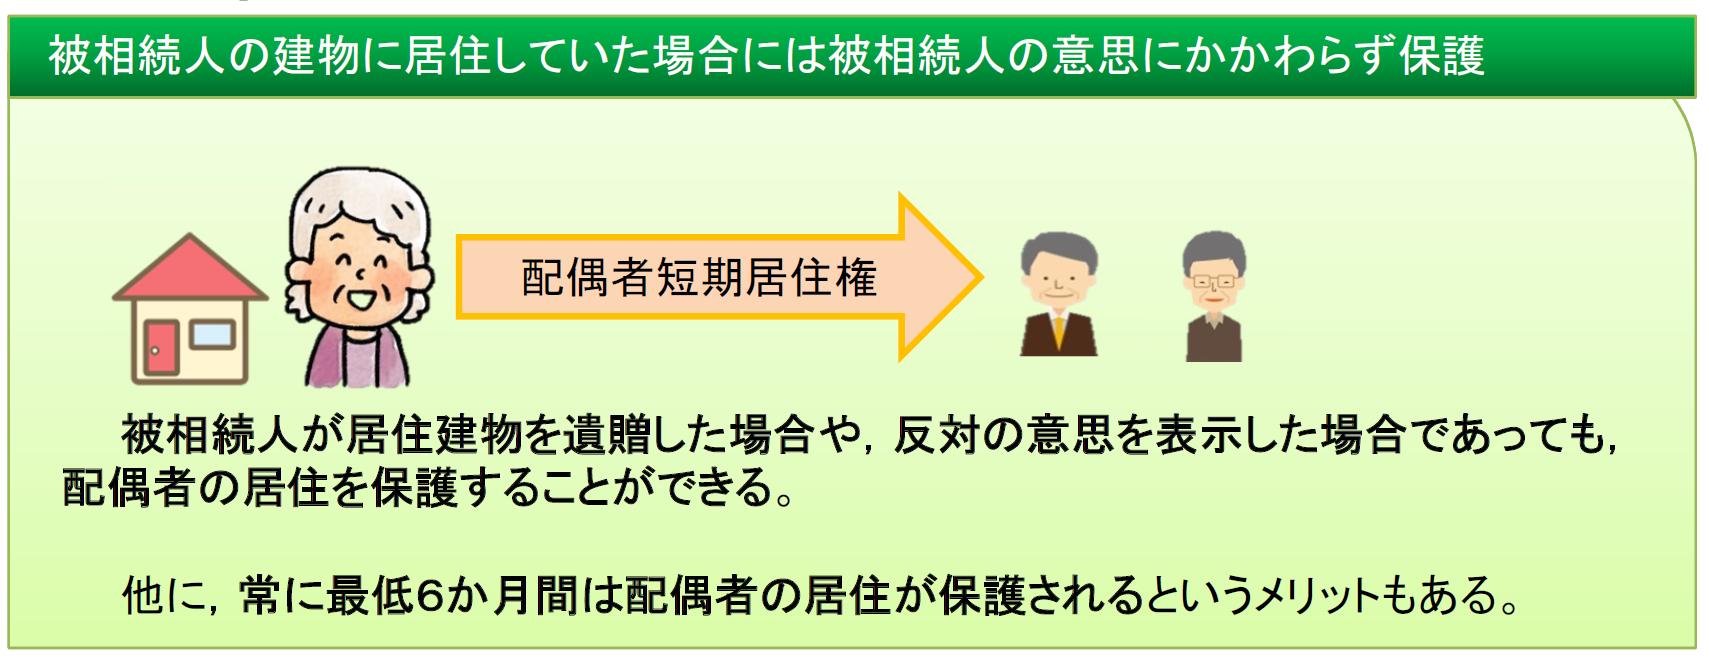 配偶者短期居住権.png